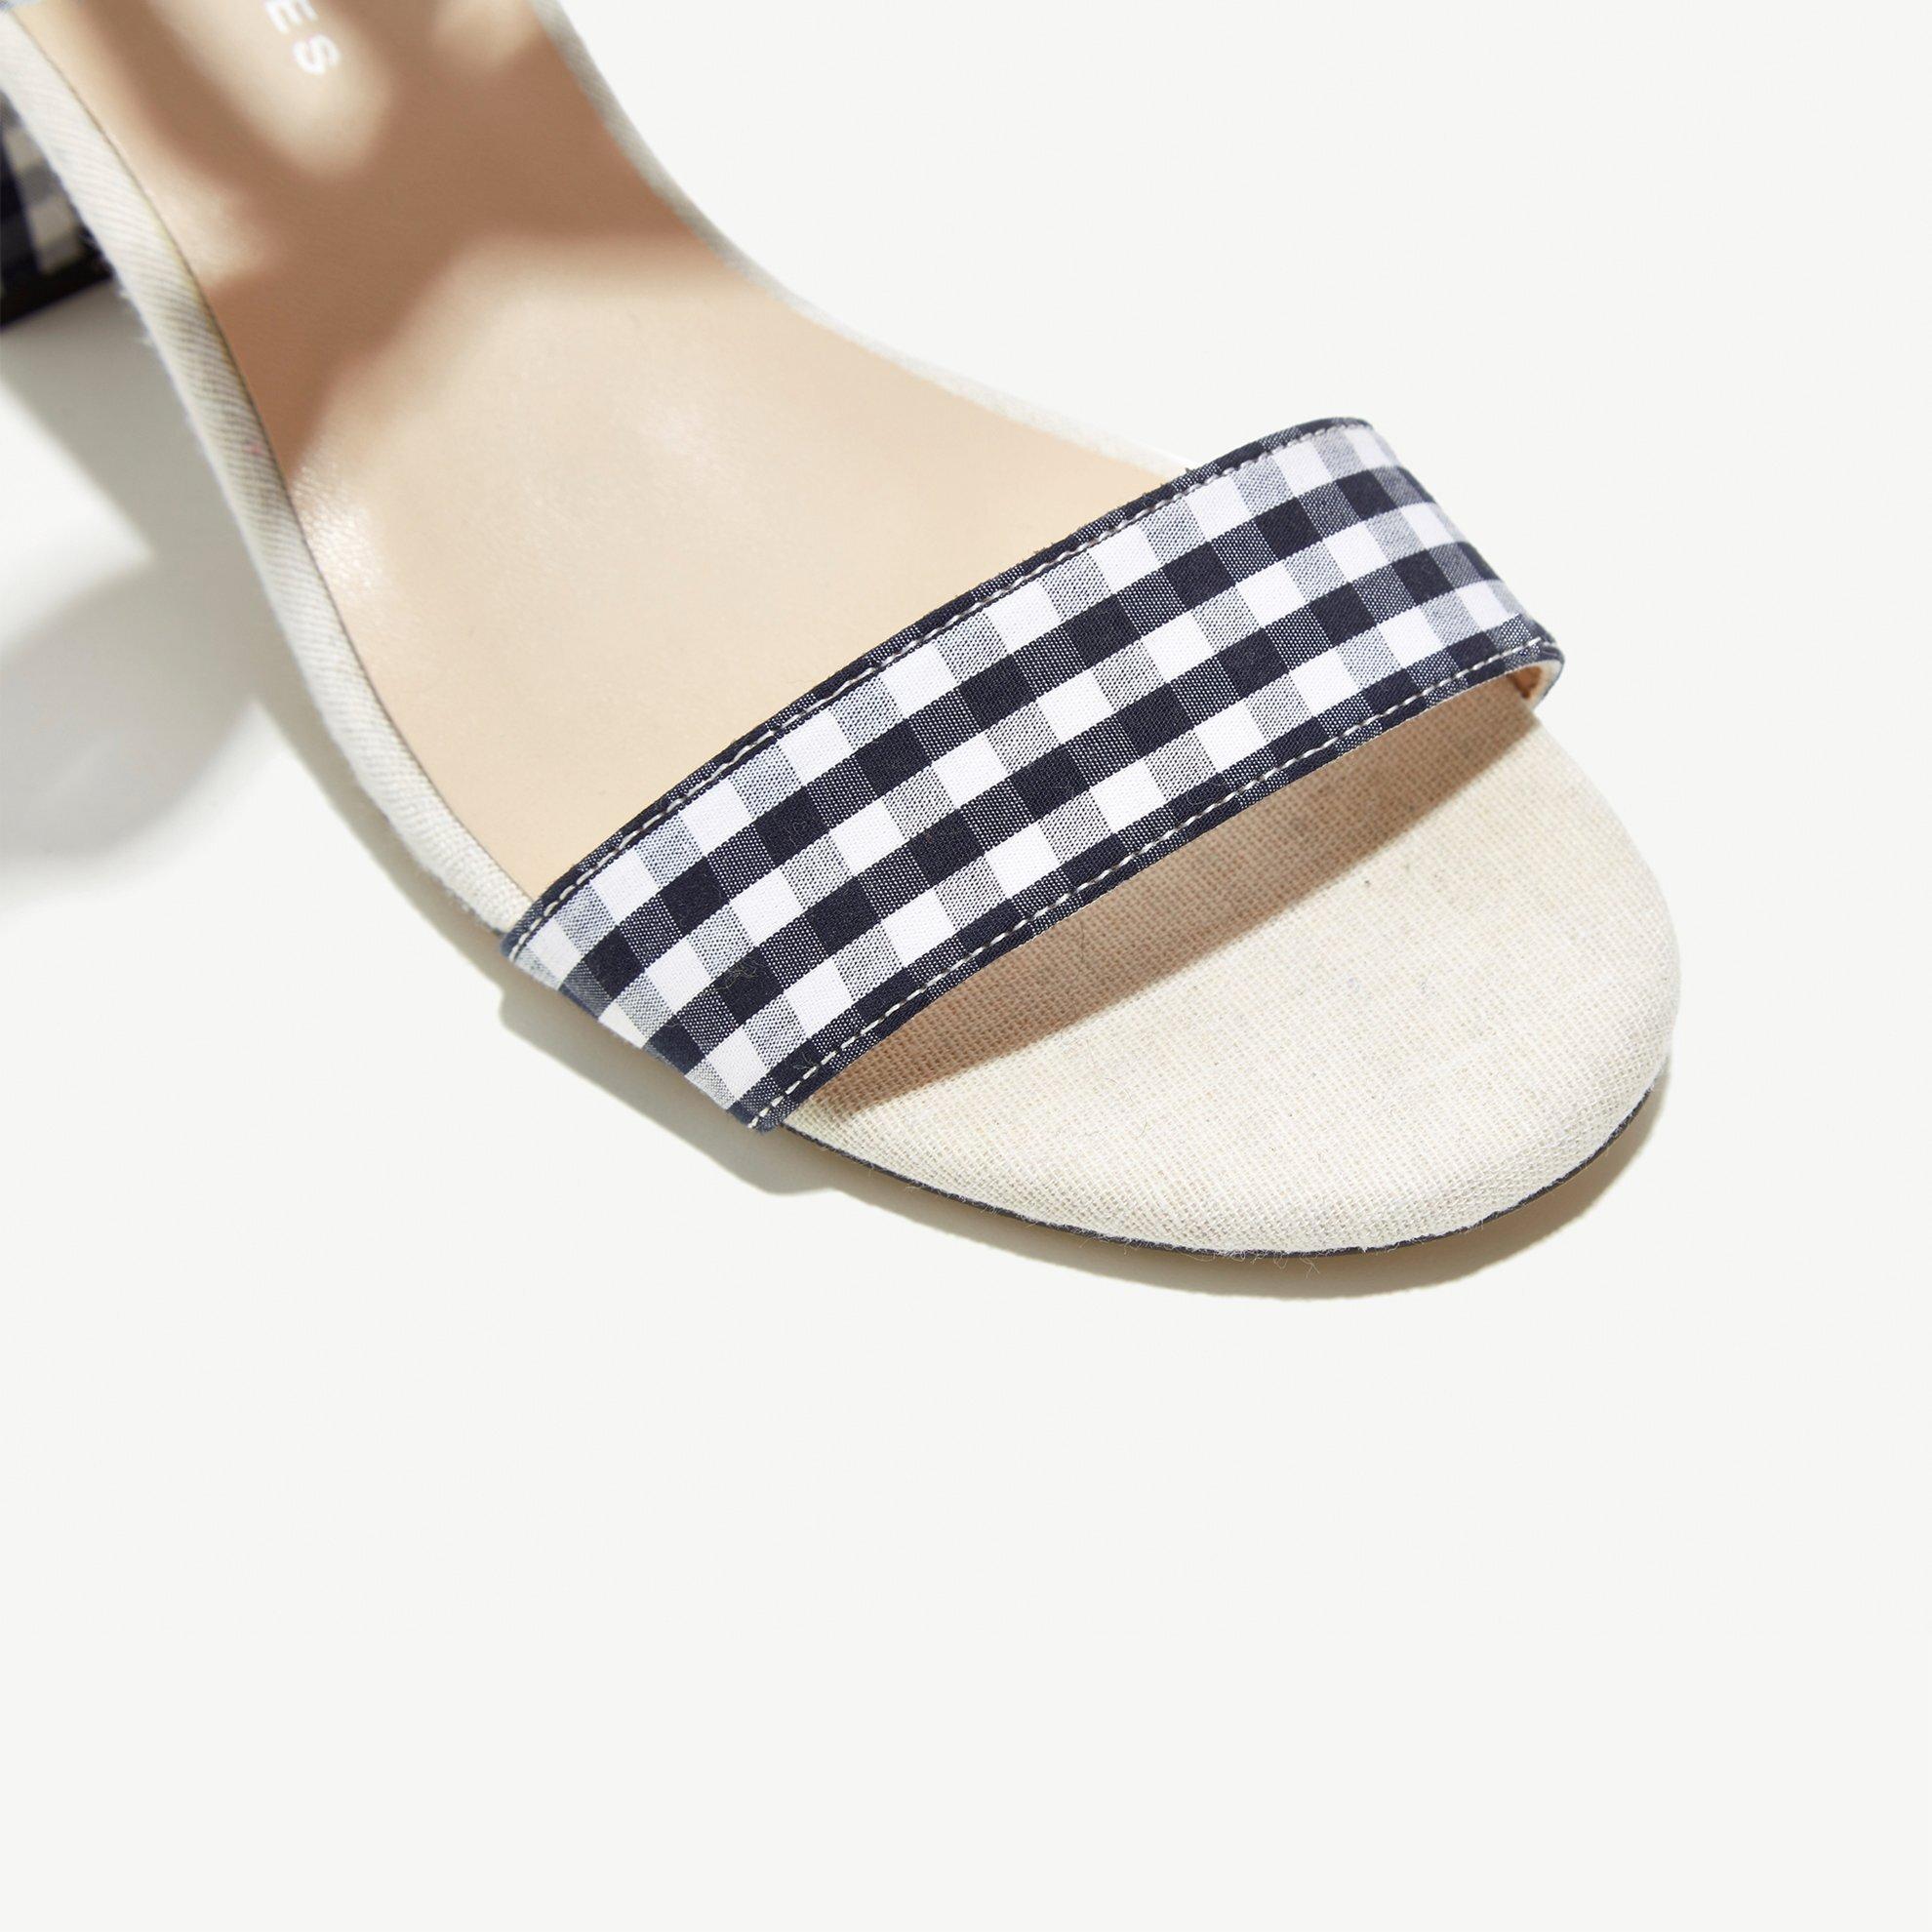 resm Kare Desenli Topuklu Sandalet